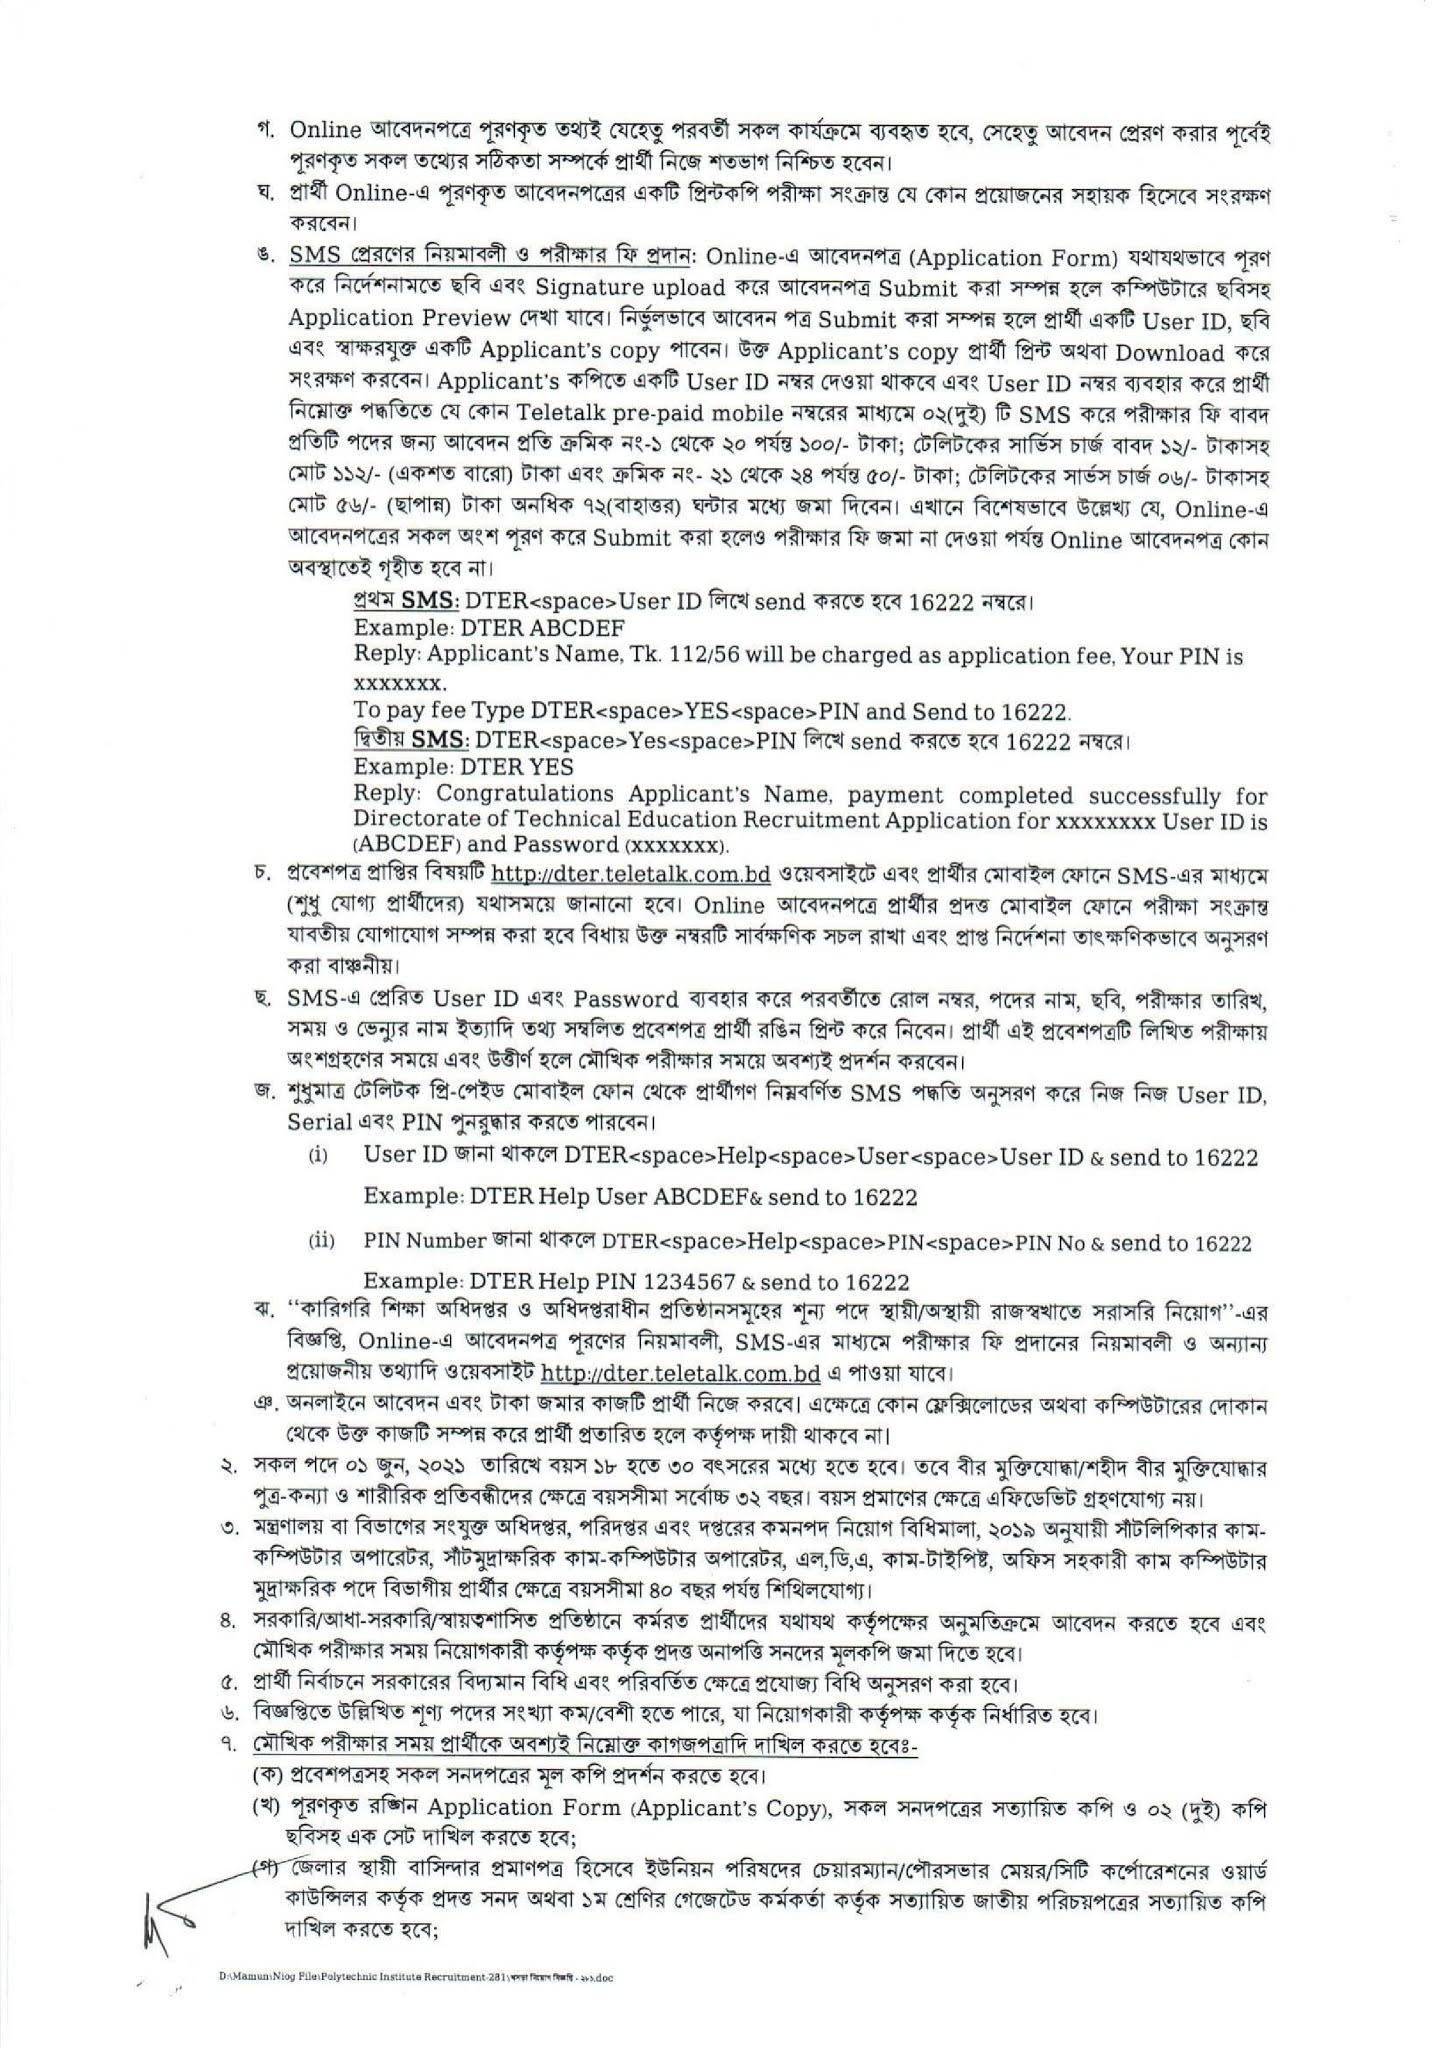 কারিগরি শিক্ষা অধিদপ্তর নিয়োগ বিজ্ঞপ্তি ২০২১ - Department of Technical Education Job Circular 2021 - কারিগরি শিক্ষা বোর্ড চাকরির খবর ২০২১ - সরকারি চাকরির খবর ২০২১